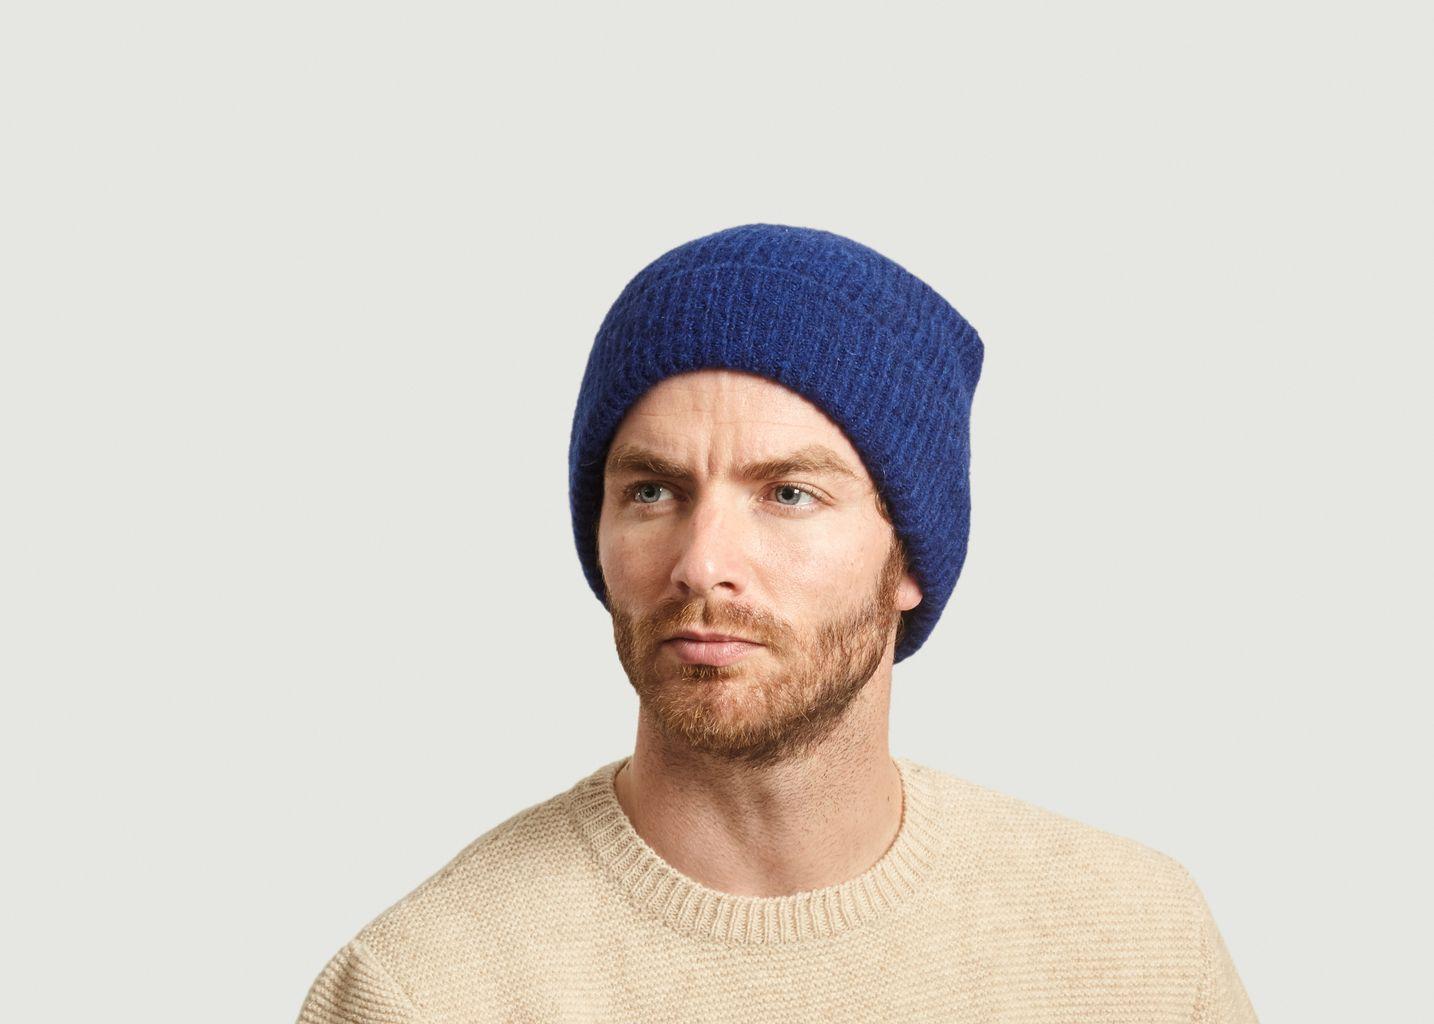 Bonnet Baby Hat - Homecore